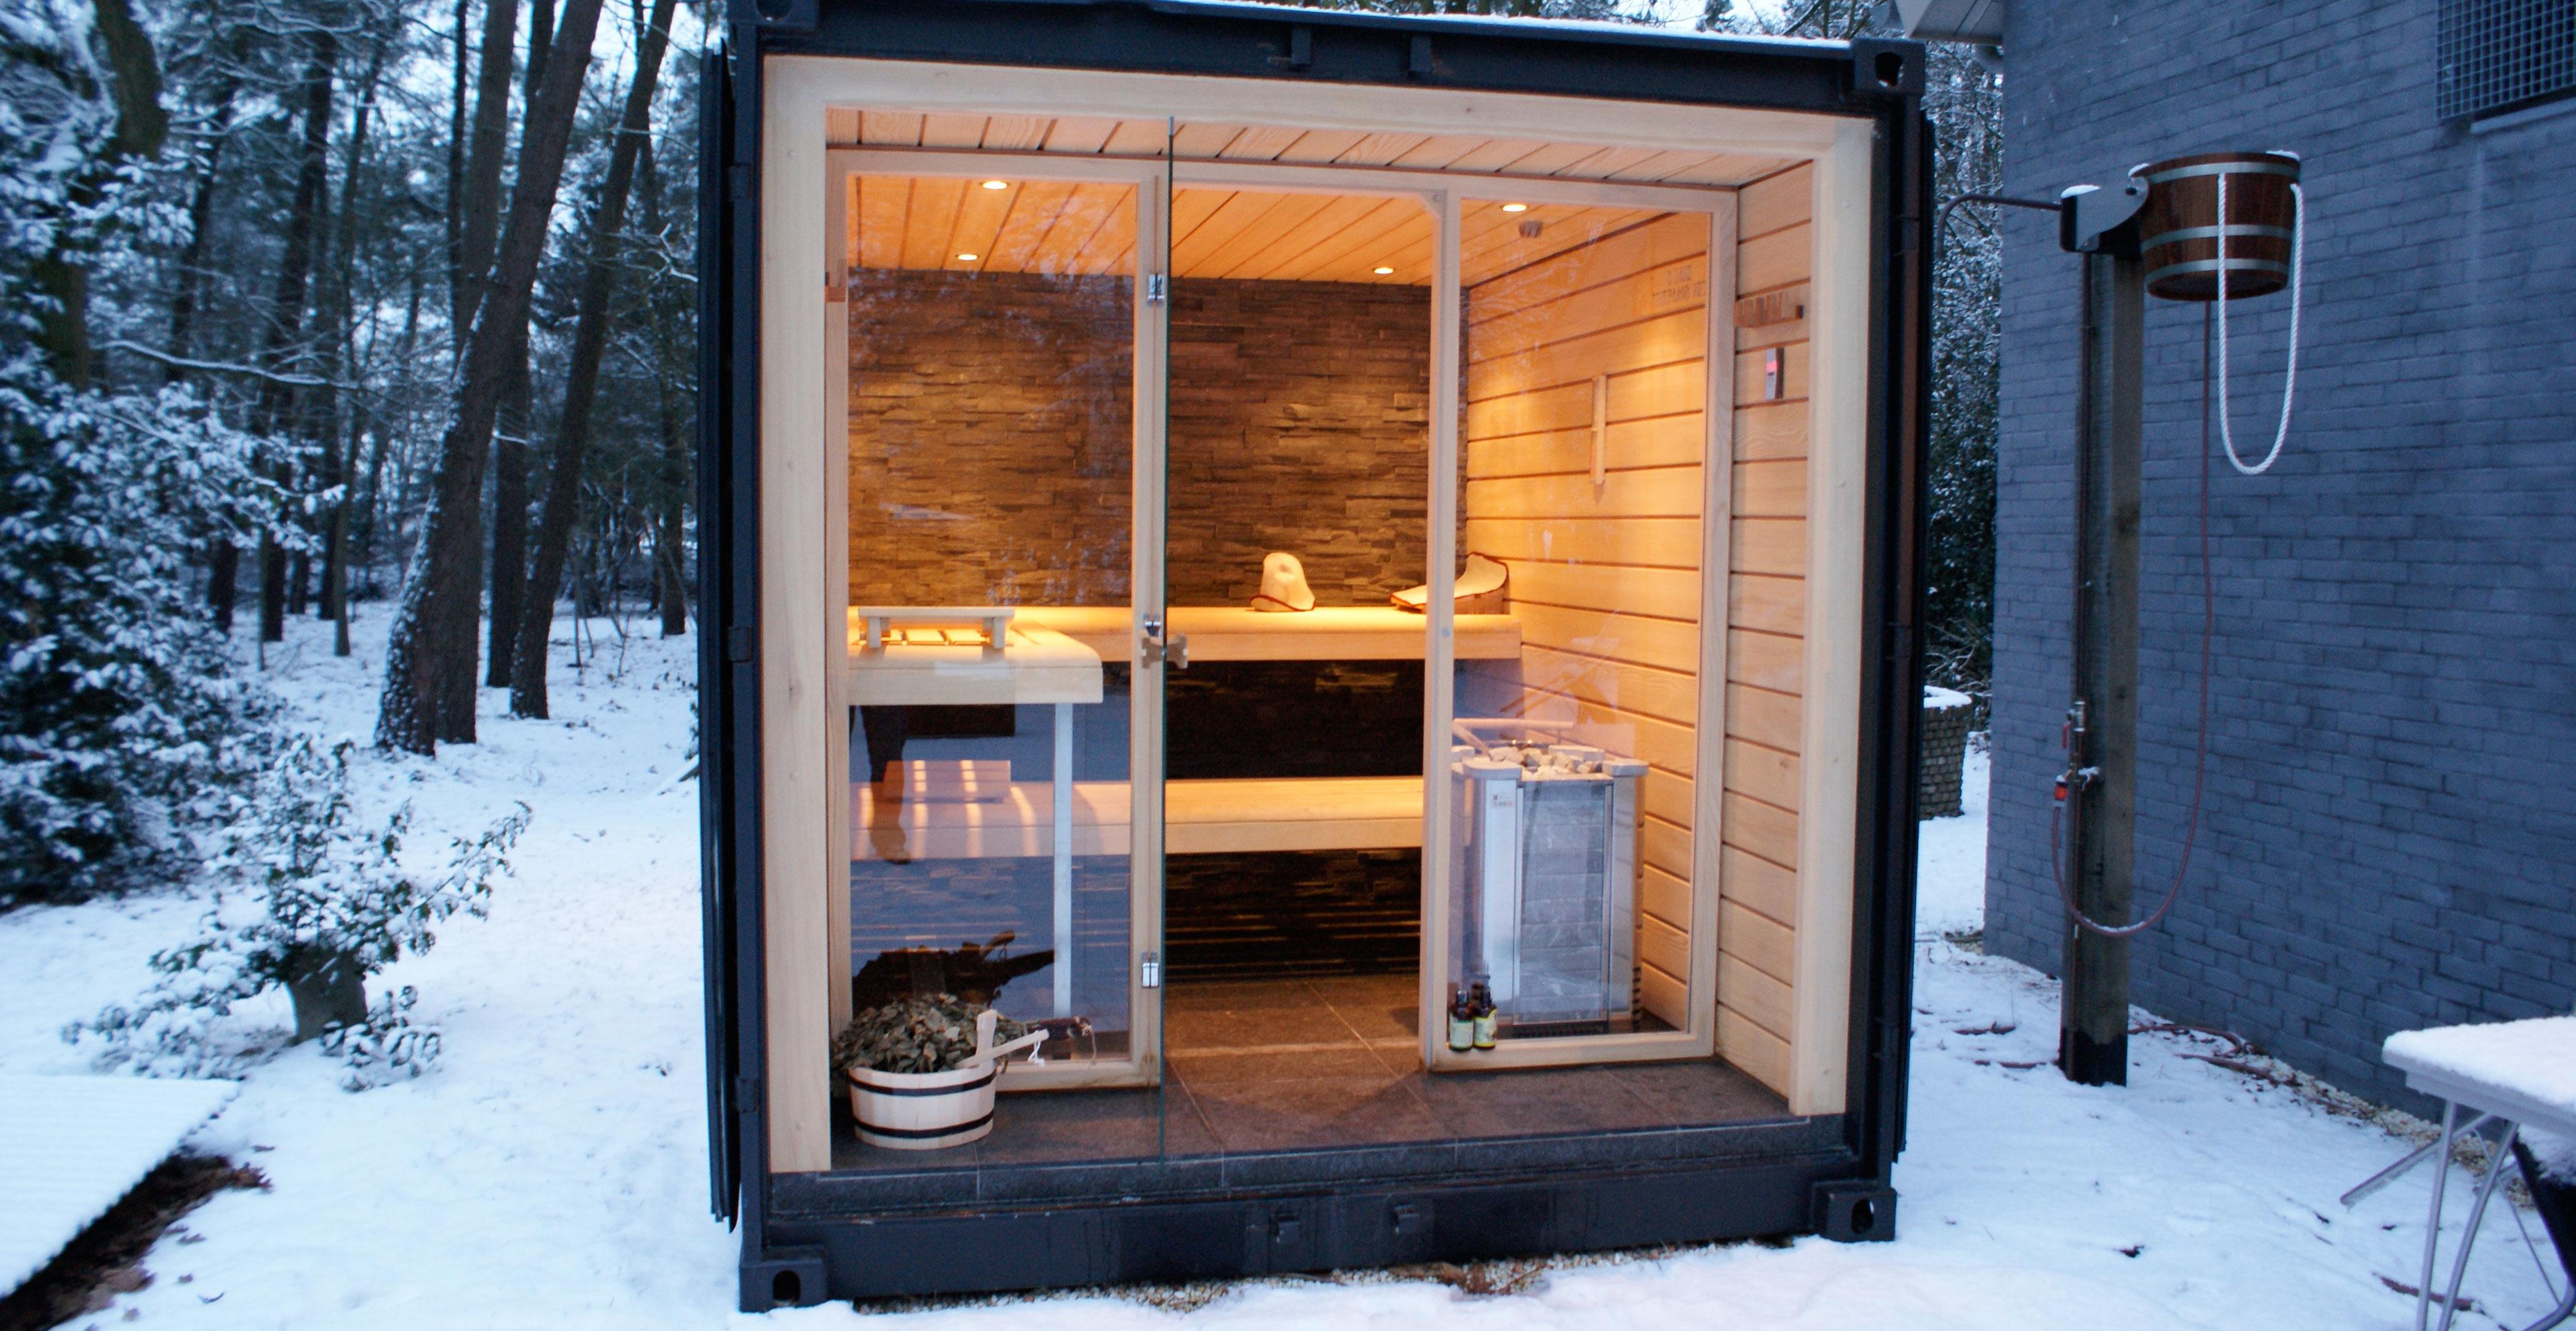 Geniet van deze unieke sauna